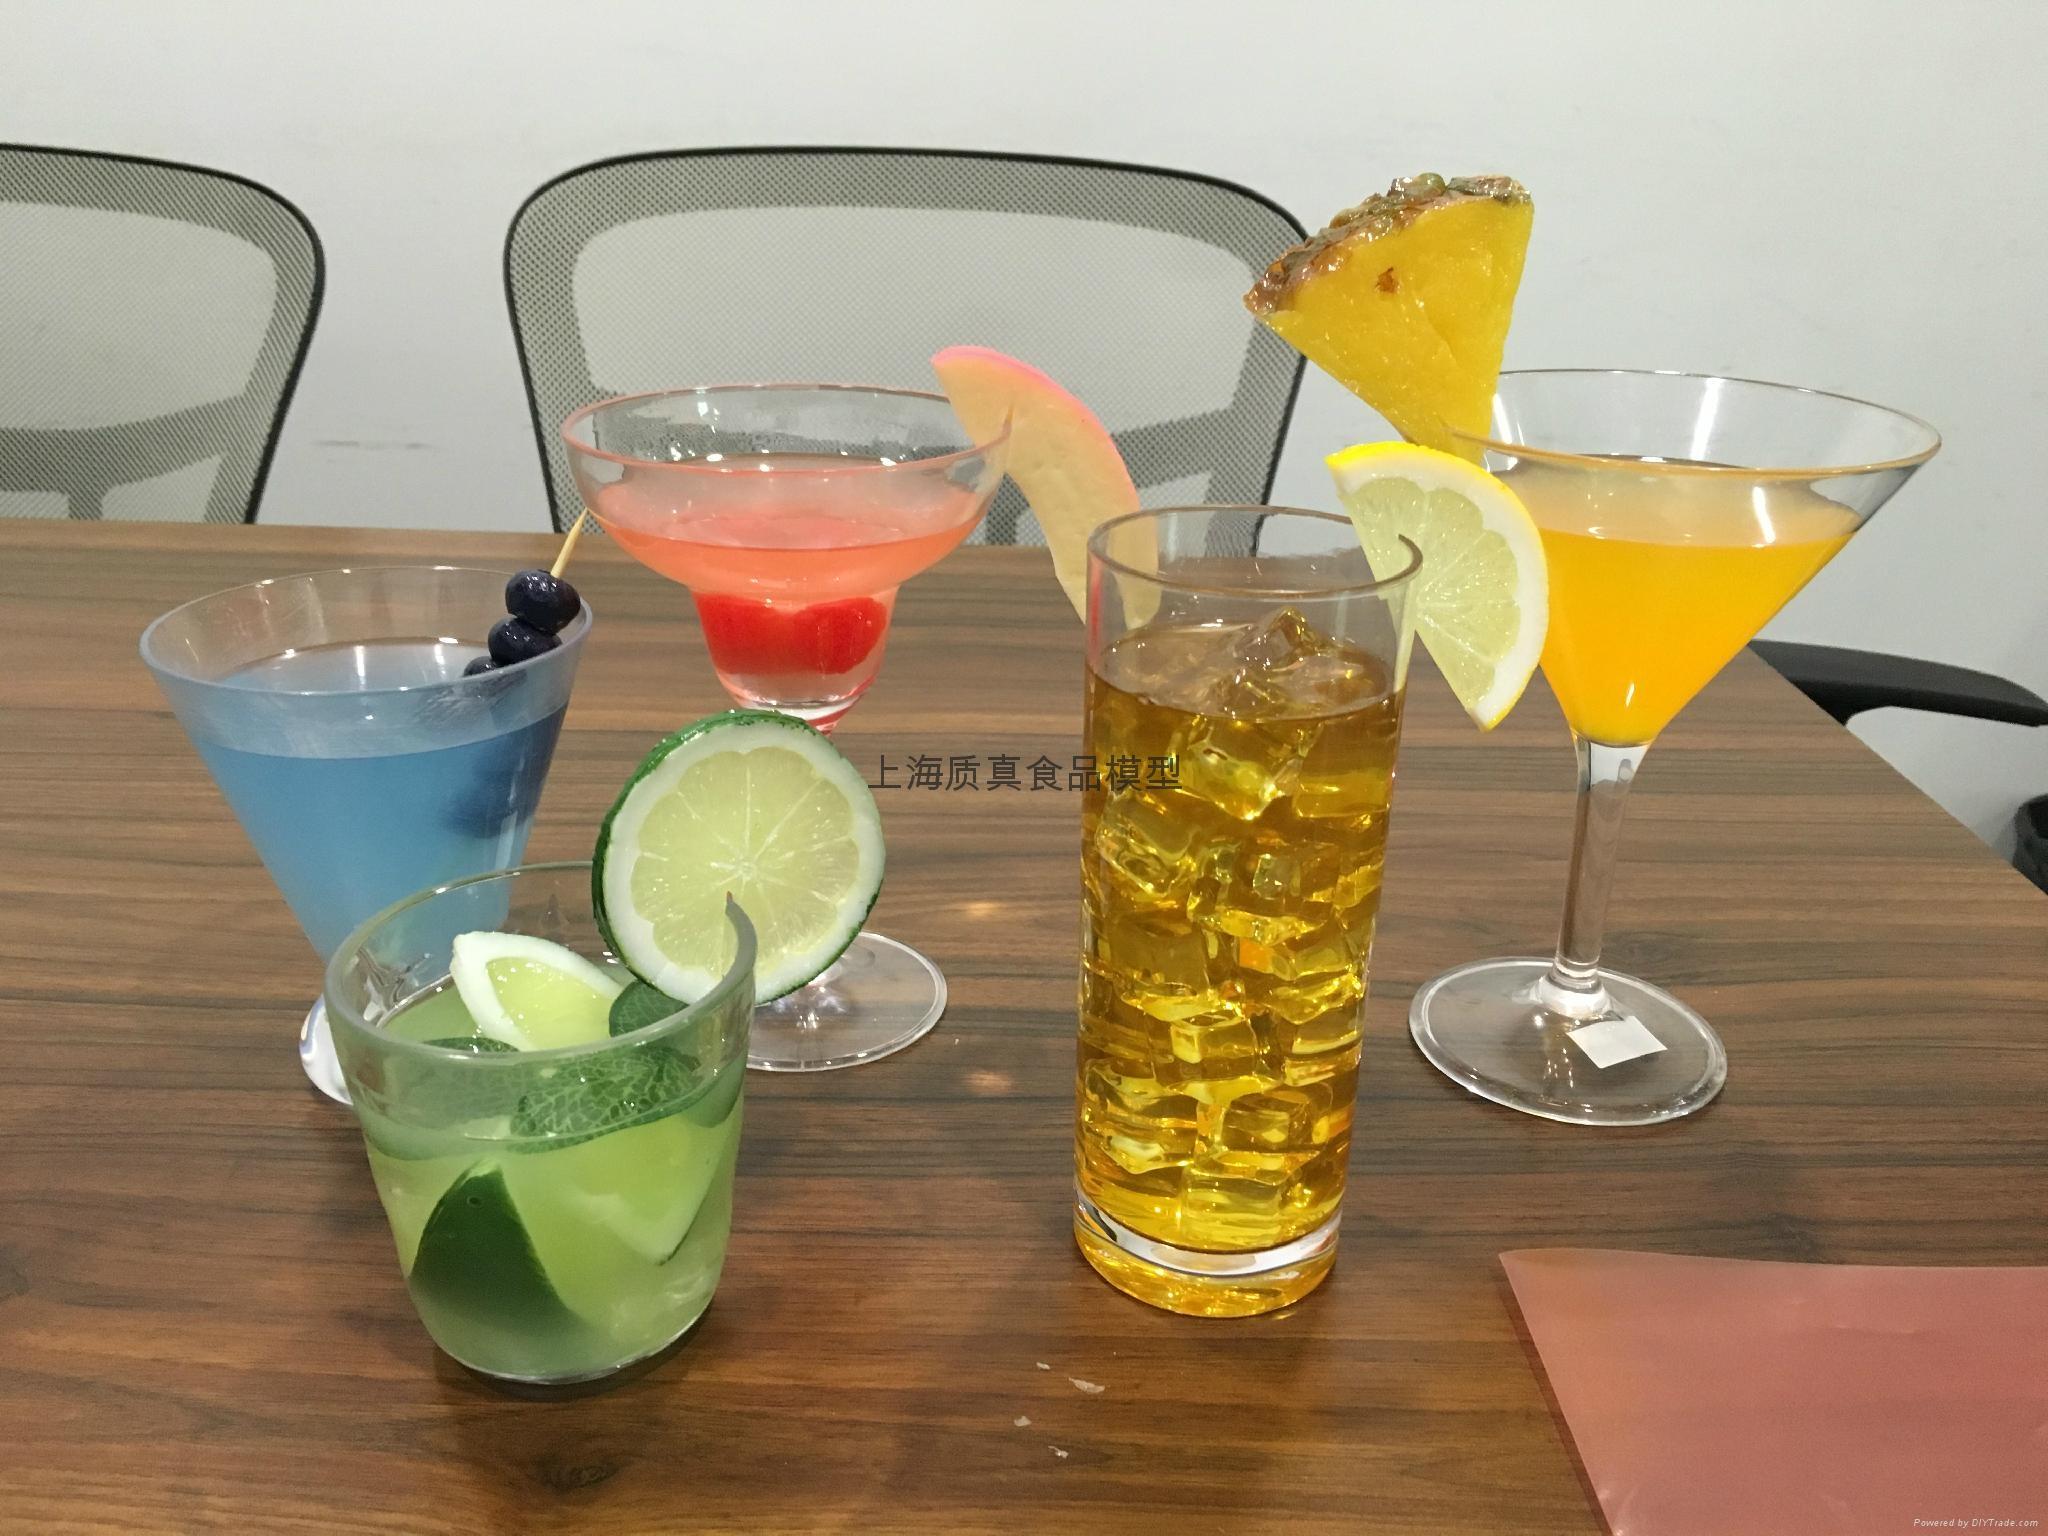 仿真鸡尾酒食模型 1